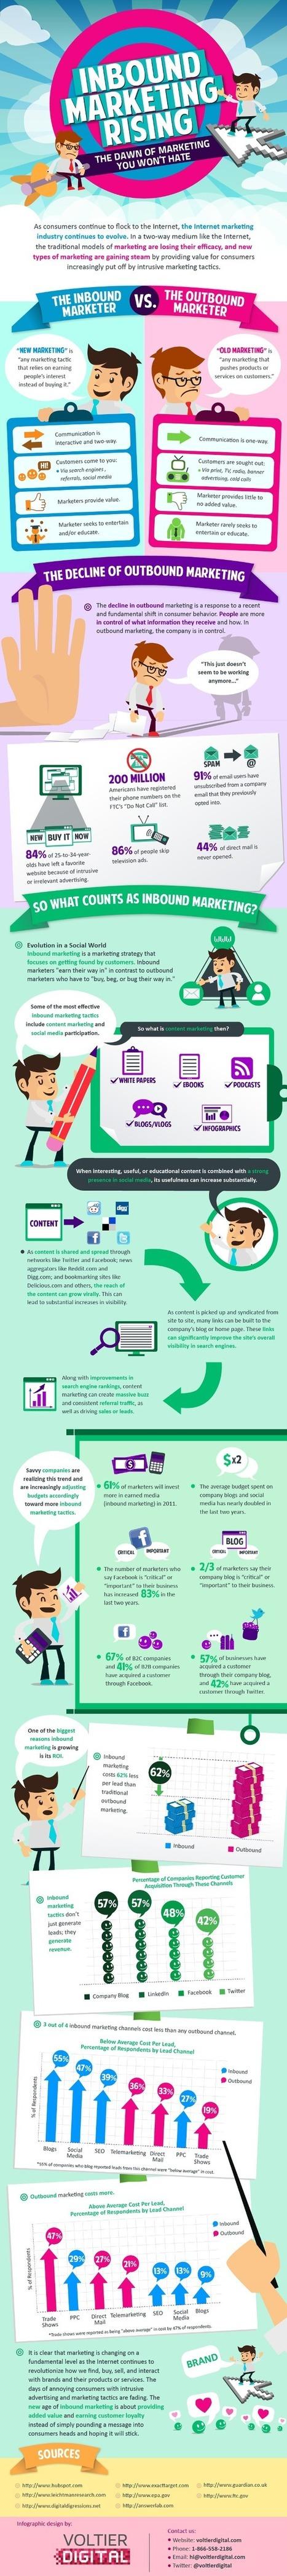 Inbound Marketing: Was ist das und wie geht das? - Björn Tantau Onlinemarketing | Online-PR | Scoop.it